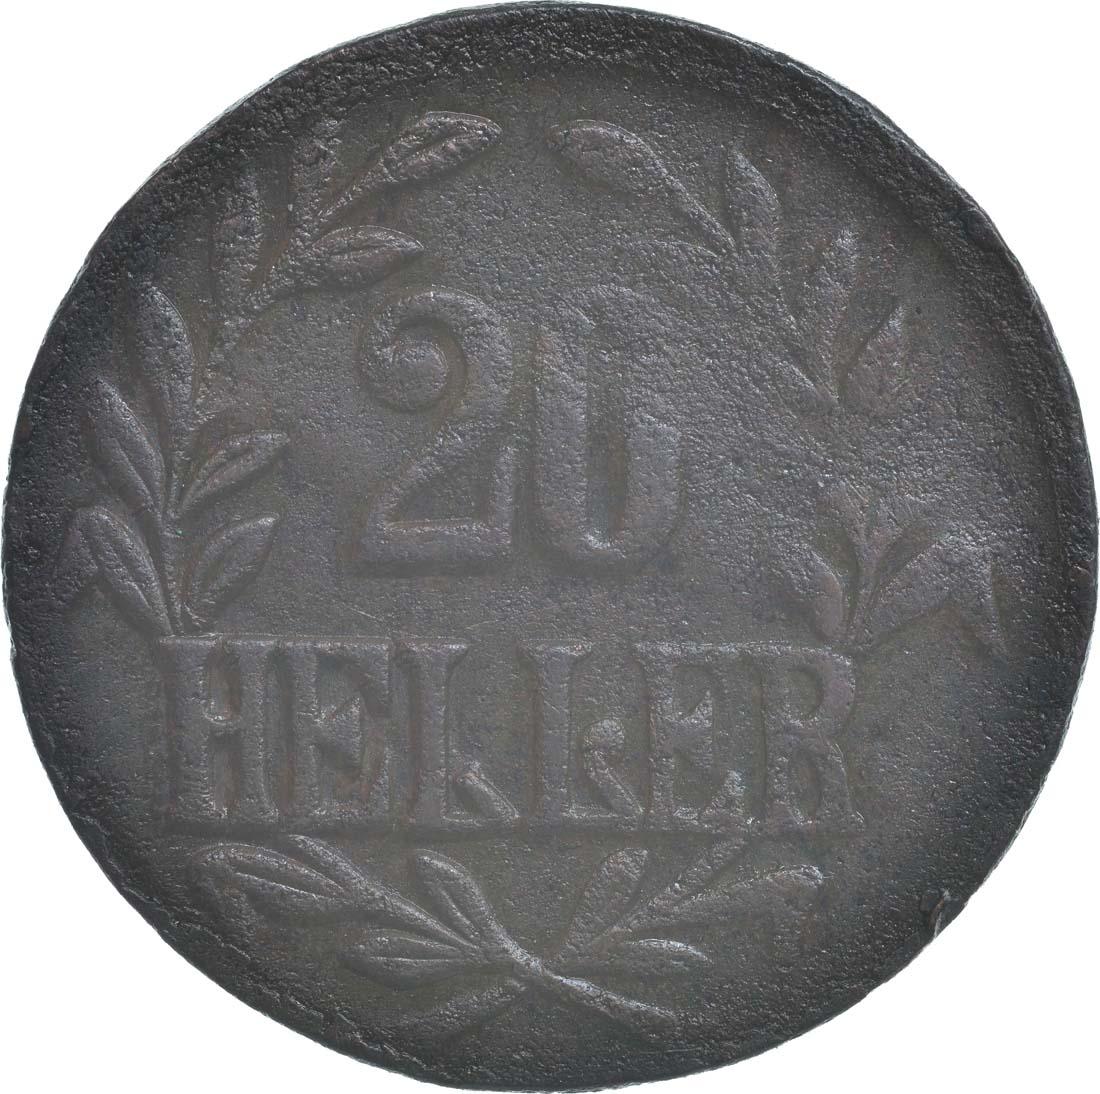 Vorderseite :Deutschland : 20 Heller große Krone, Metall geprüft per Röntgenfluoreszenzanalyse  1916 ss.